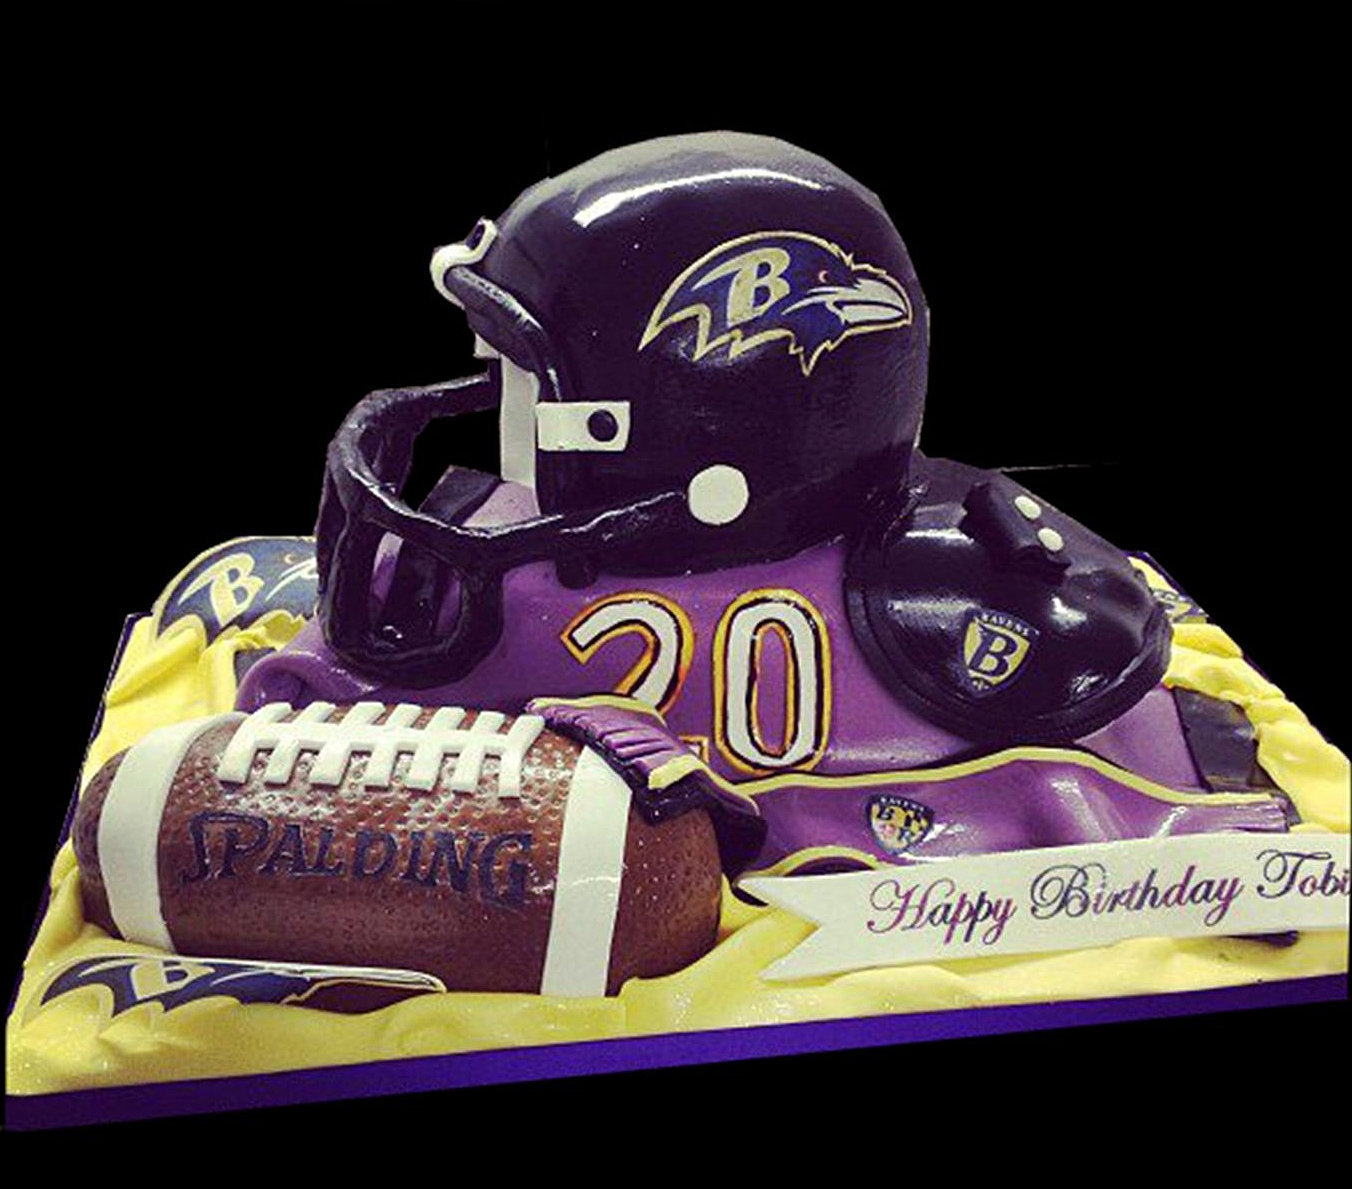 Baltimore Cake